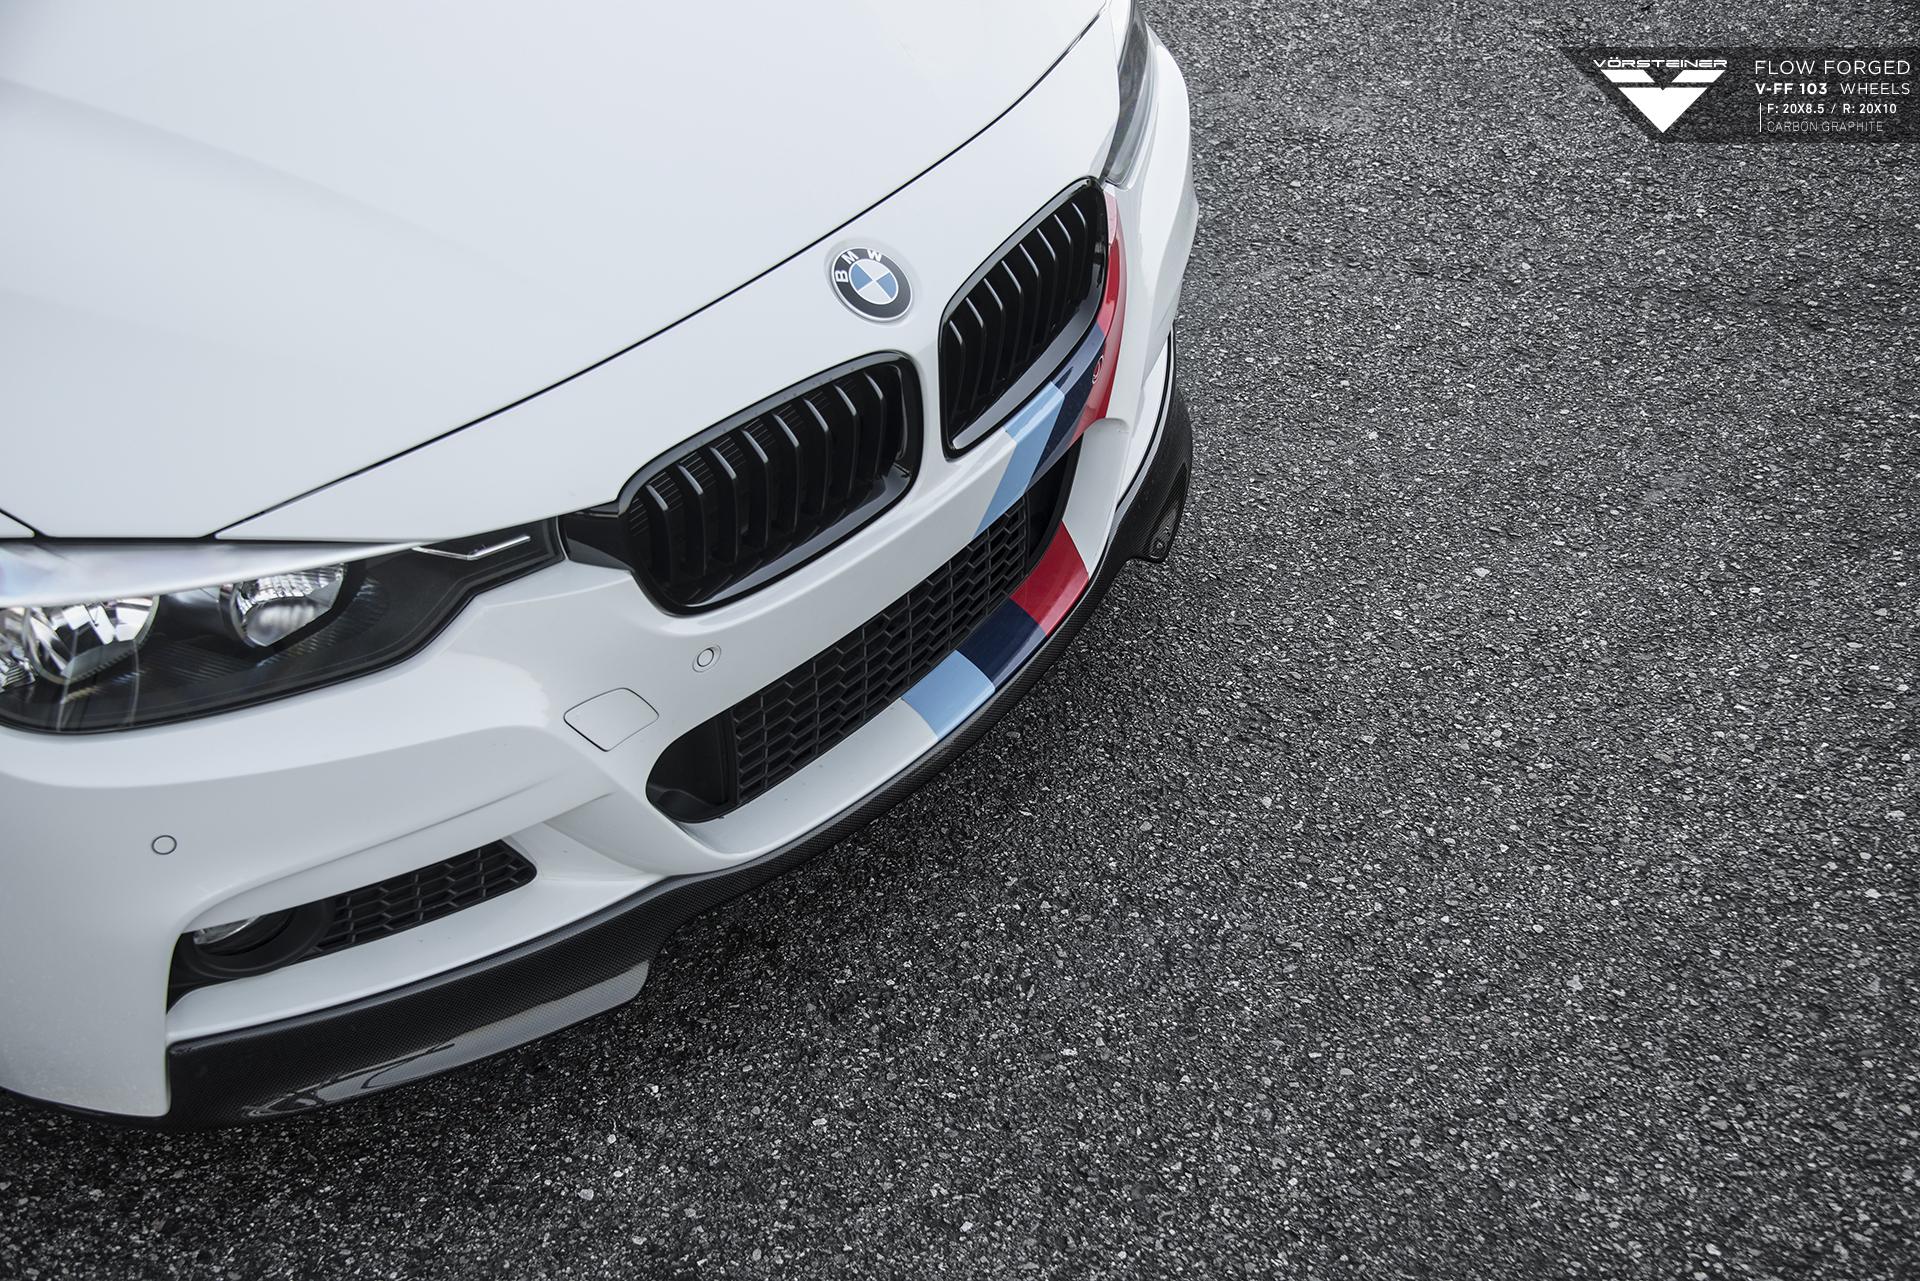 Vorsteiner BMW F30 on V FF 103 Wheels 3